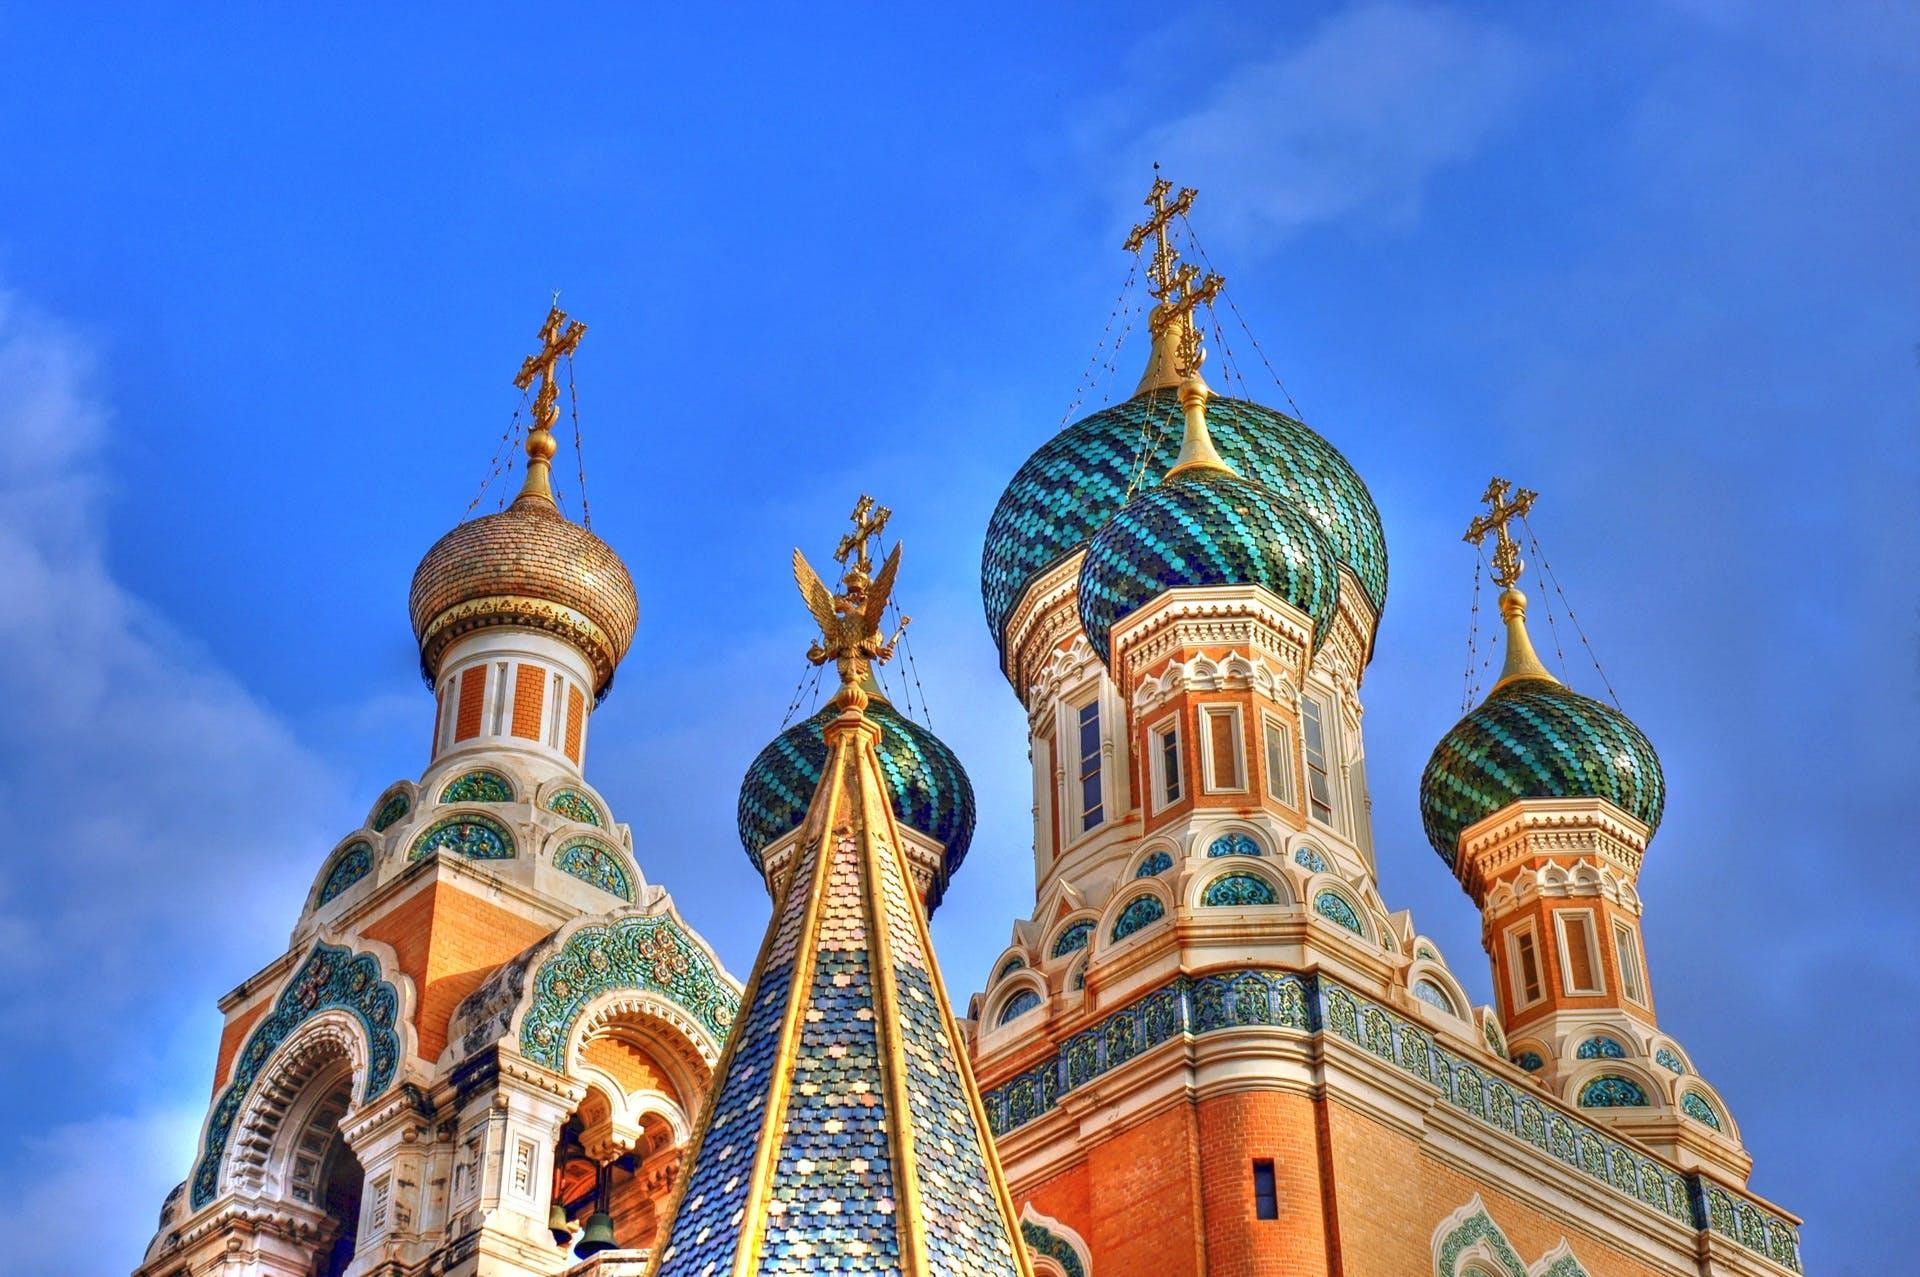 Multicolored Church